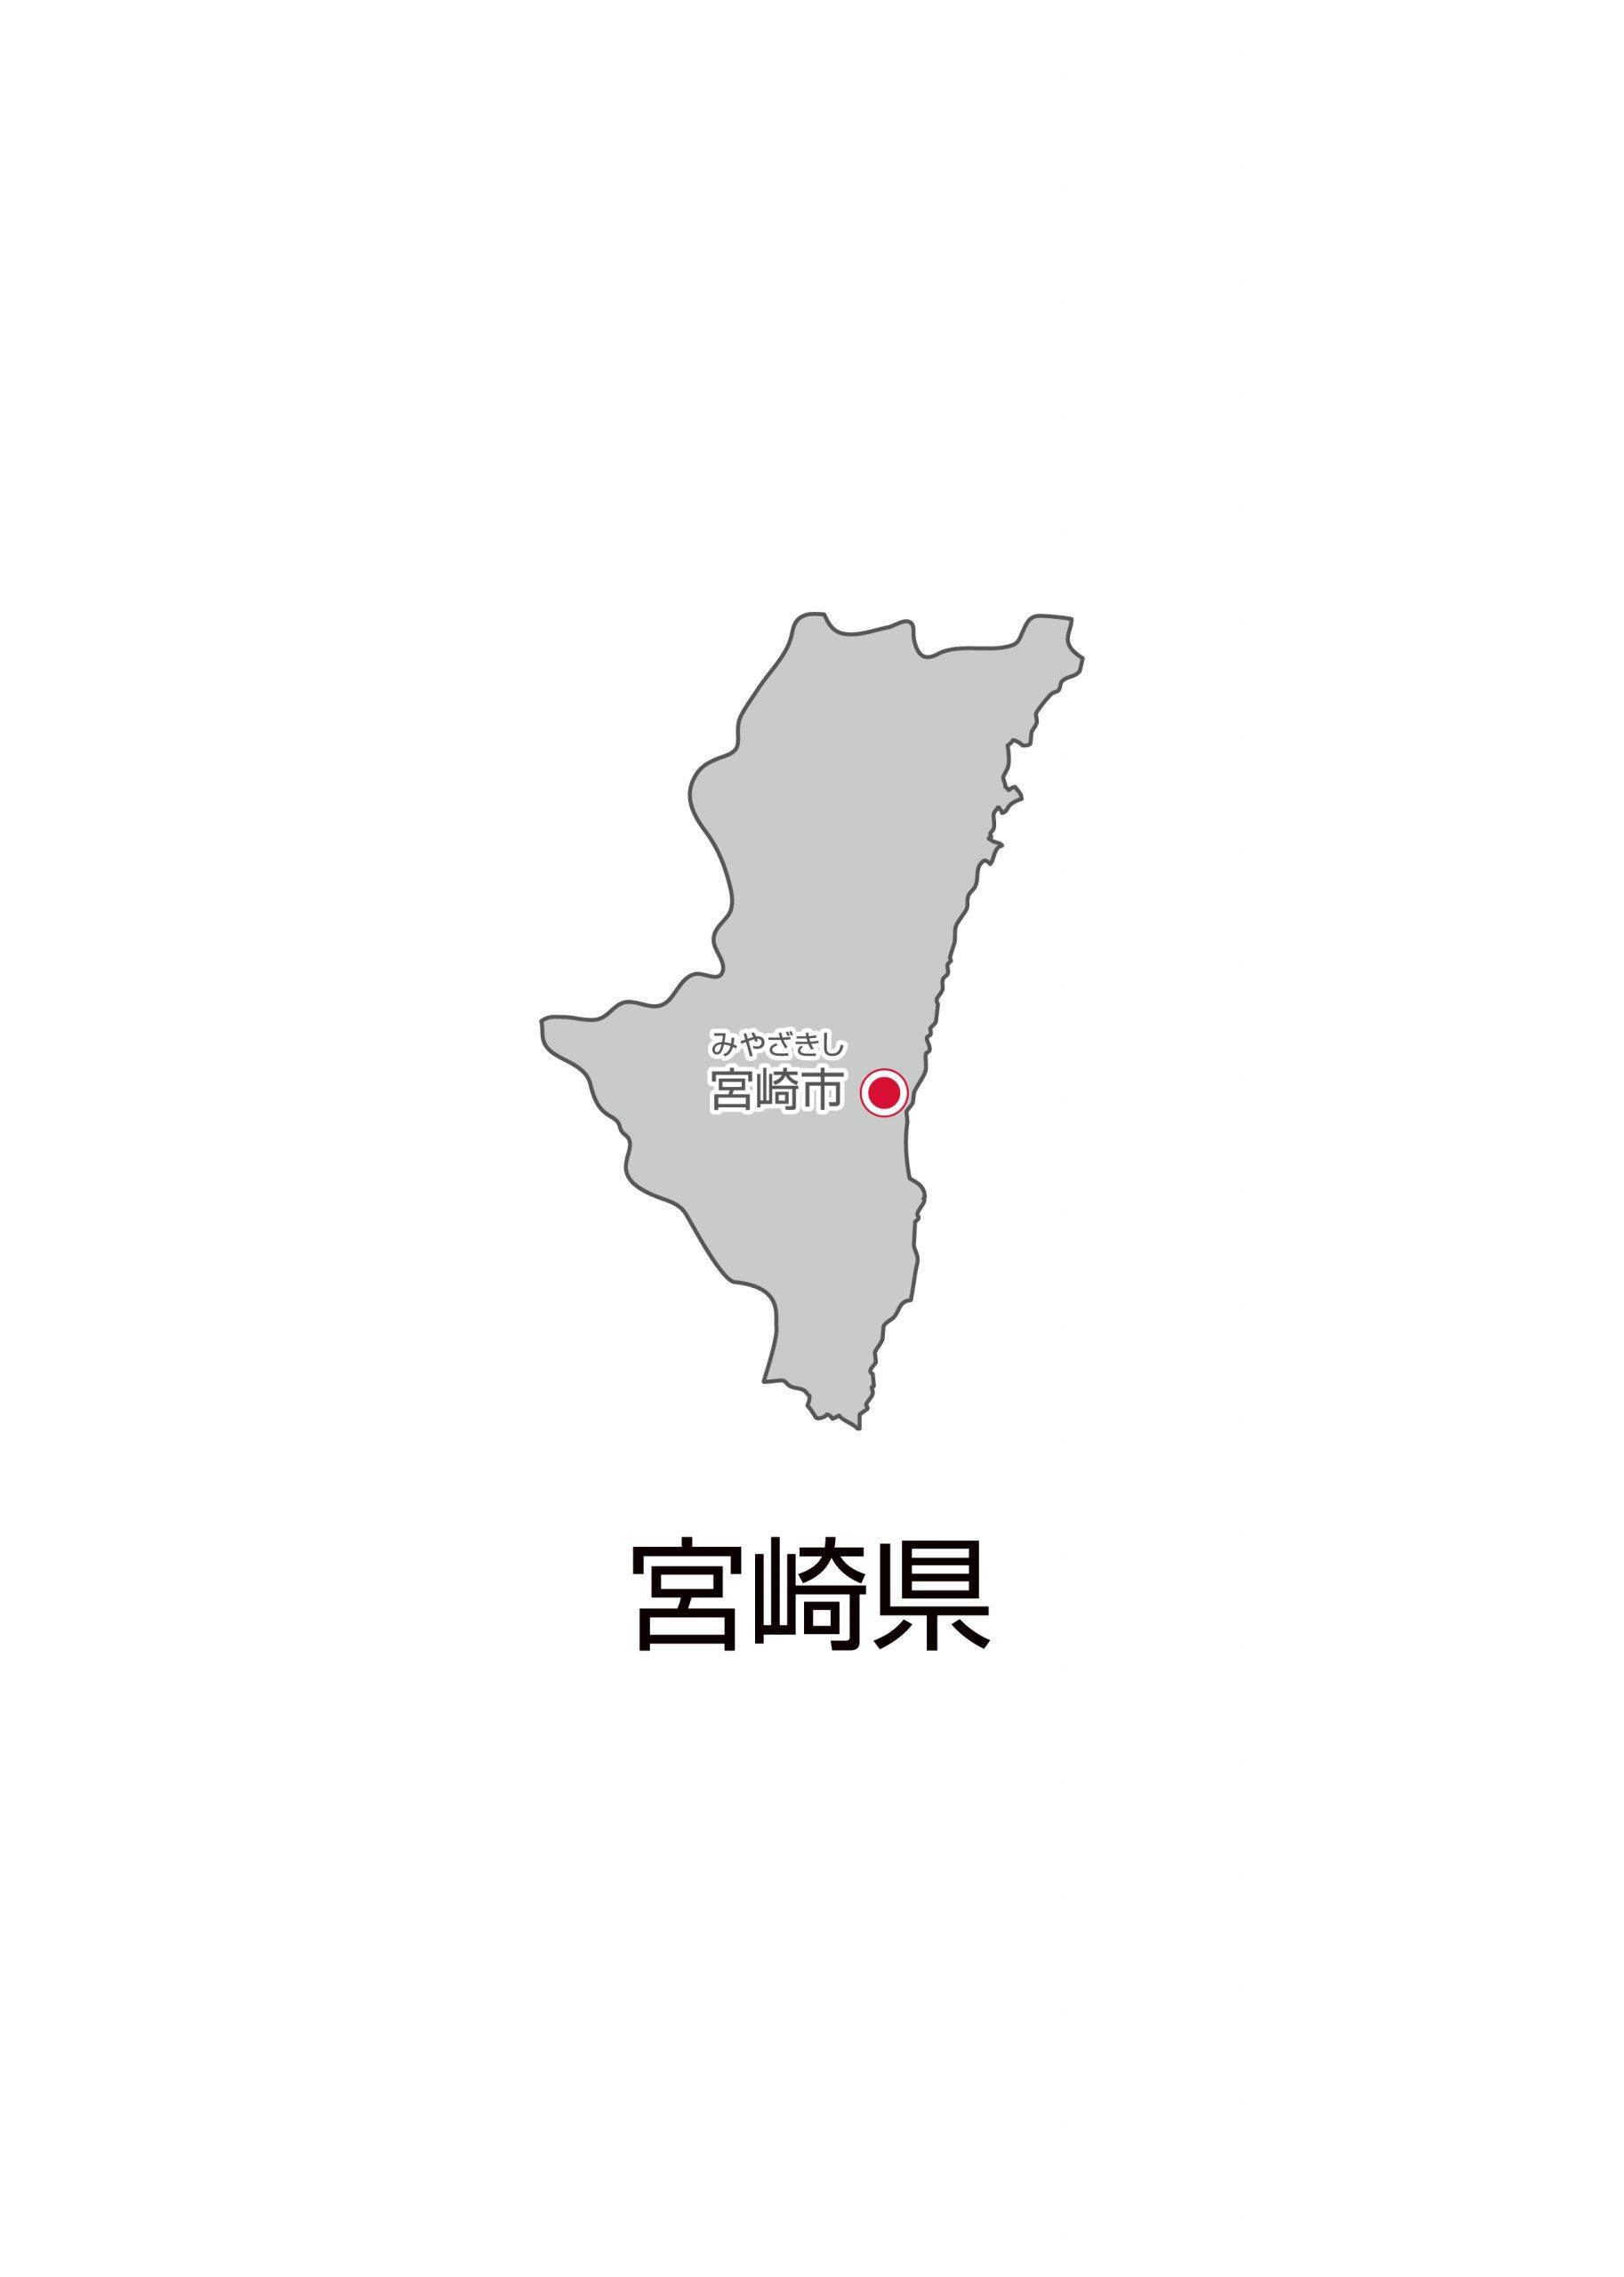 宮崎県無料フリーイラスト|日本語・県庁所在地あり・ルビあり(グレー)